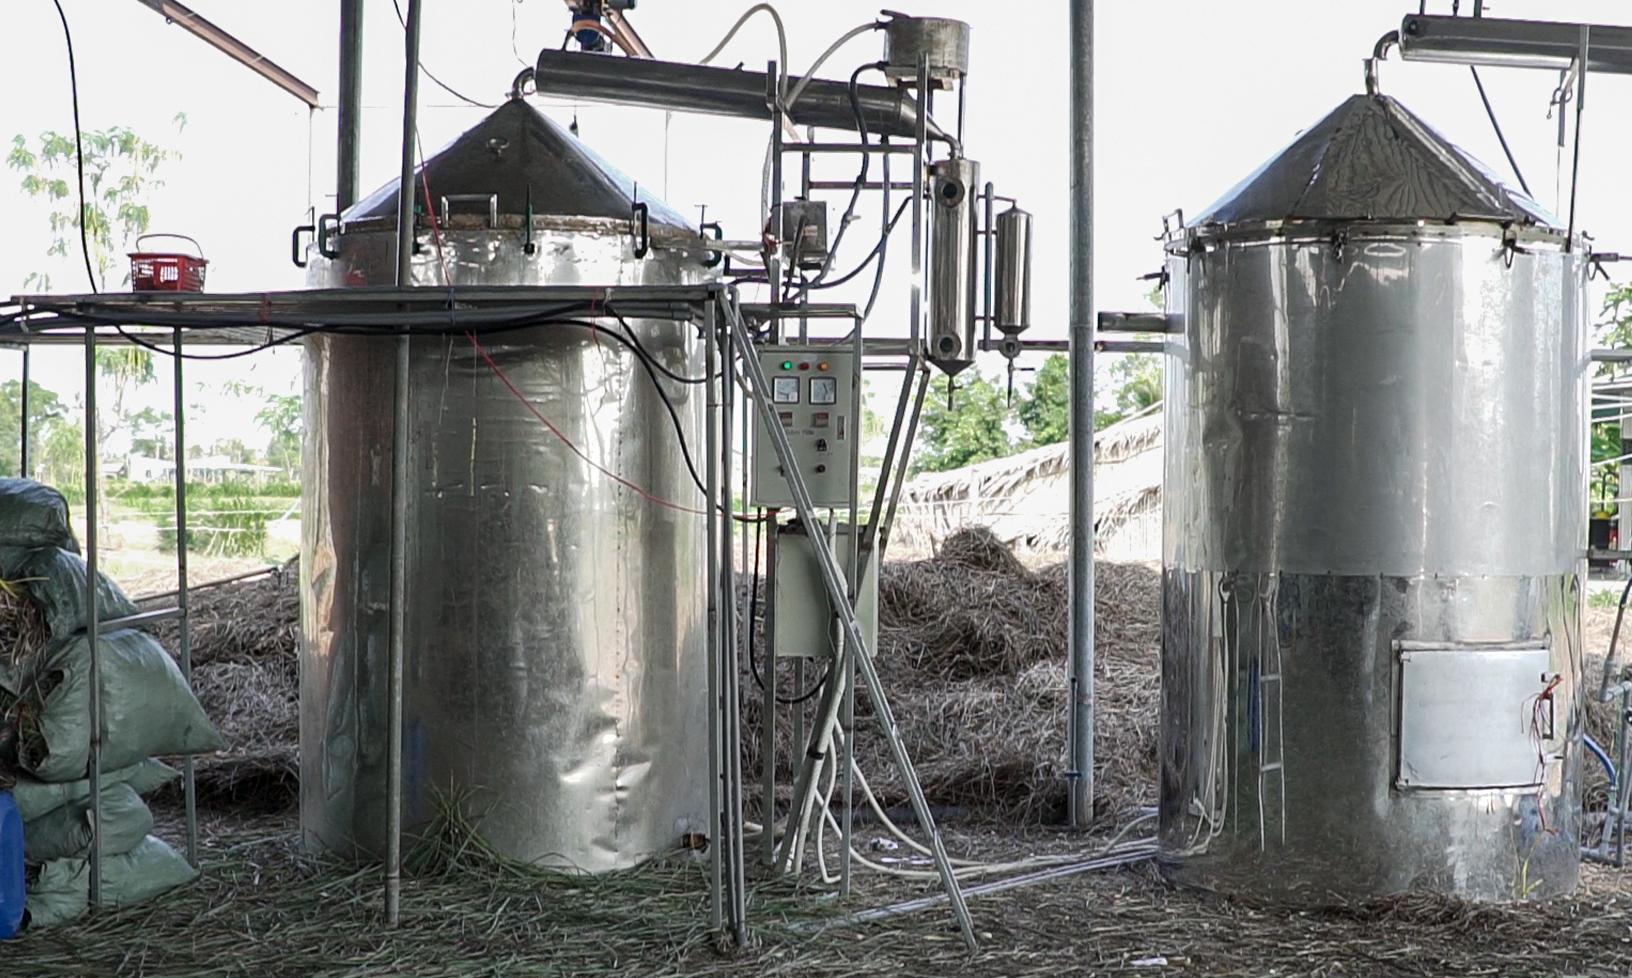 Tinh dầu Hoa Phong Lữ 100ml Mộc Mây - tinh dầu thiên nhiên nguyên chất 100% - chất lượng vượt trội - mùi hương nồng nàn, quyến rũ, kích thích, hưng phấn vượt trội - Có kiểm định 21